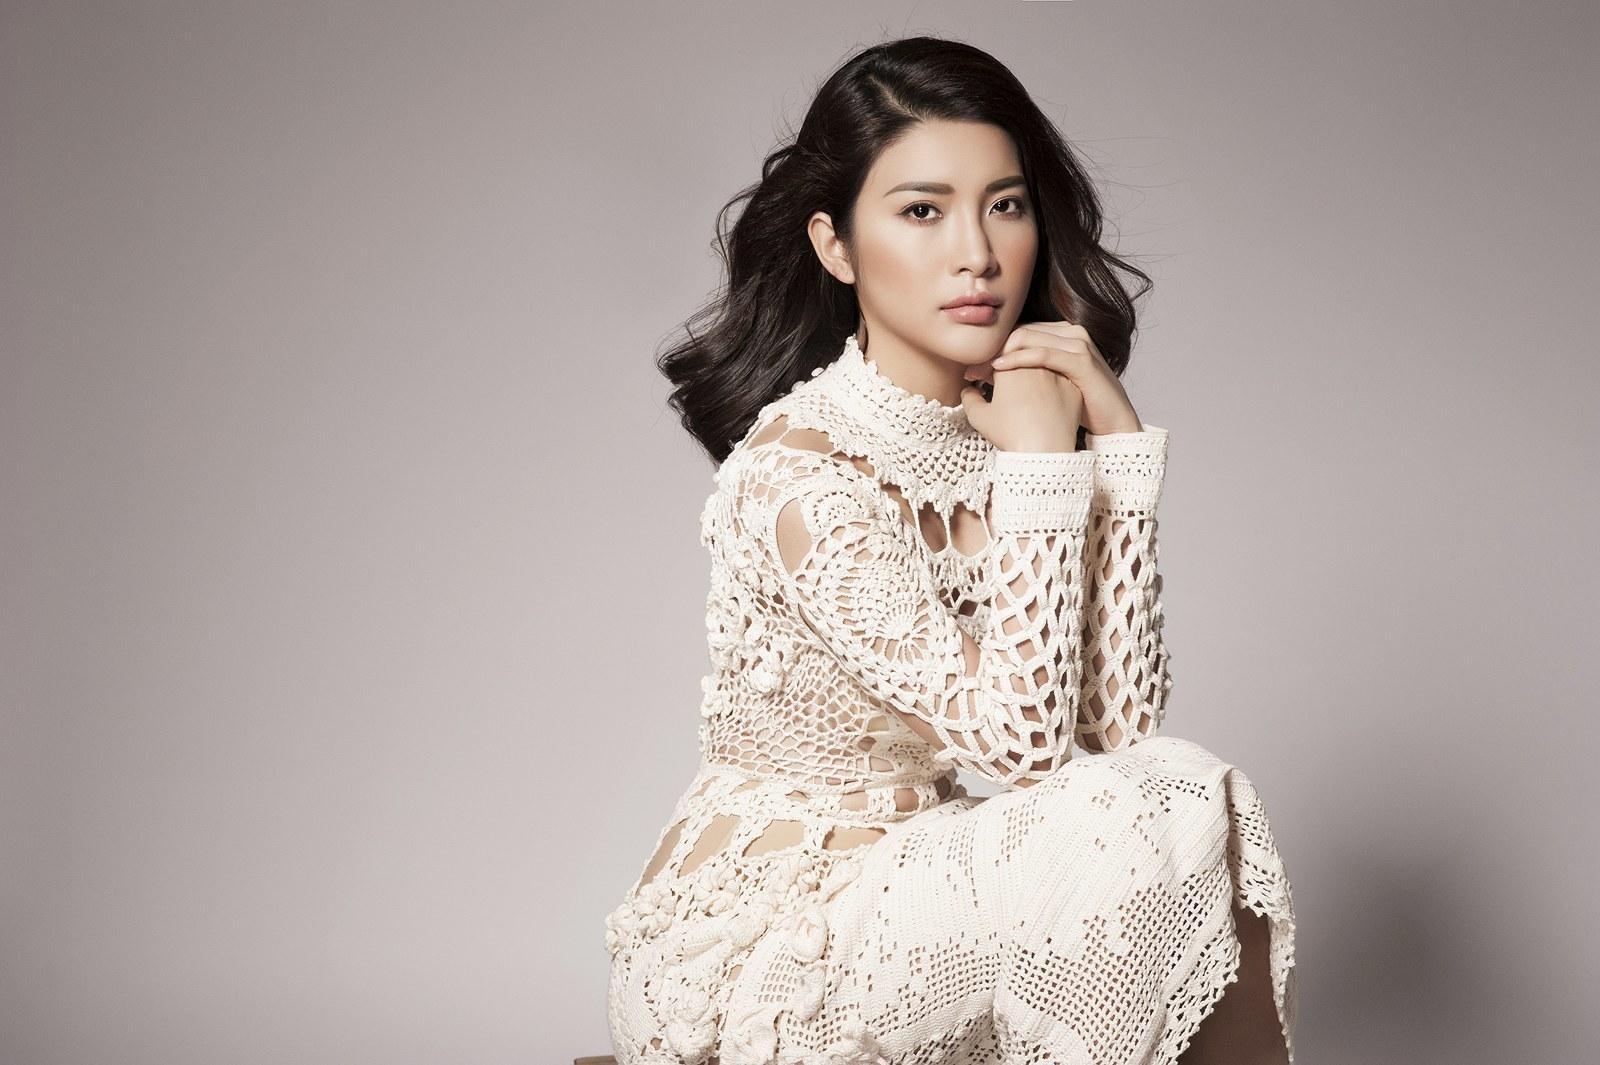 Á hậu Yan My đẹp dịu dàng trong trang phục mùa đông